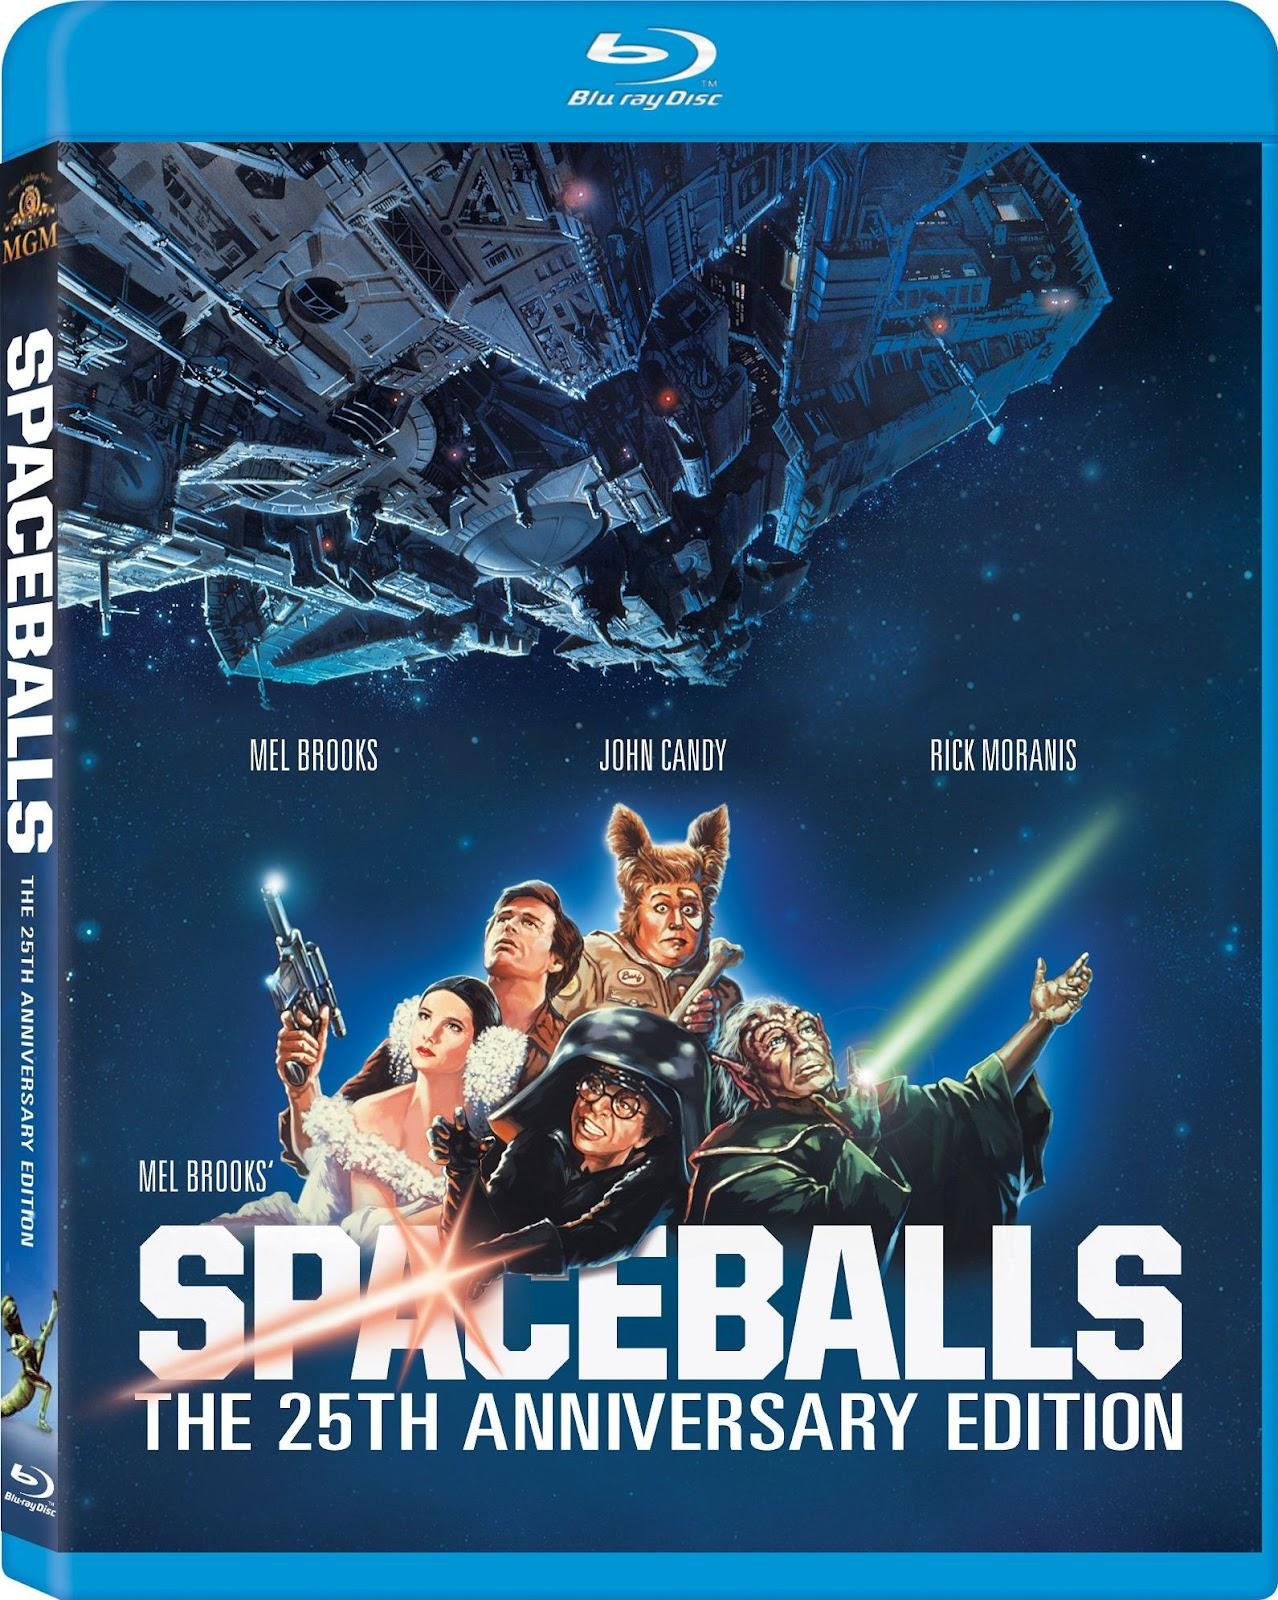 http://3.bp.blogspot.com/-8hNFM7U3awk/UDq09_8_nAI/AAAAAAAAXQ4/fOsjEs2ja1I/s1600/spaceballs-blu-ray-cover-66.jpg